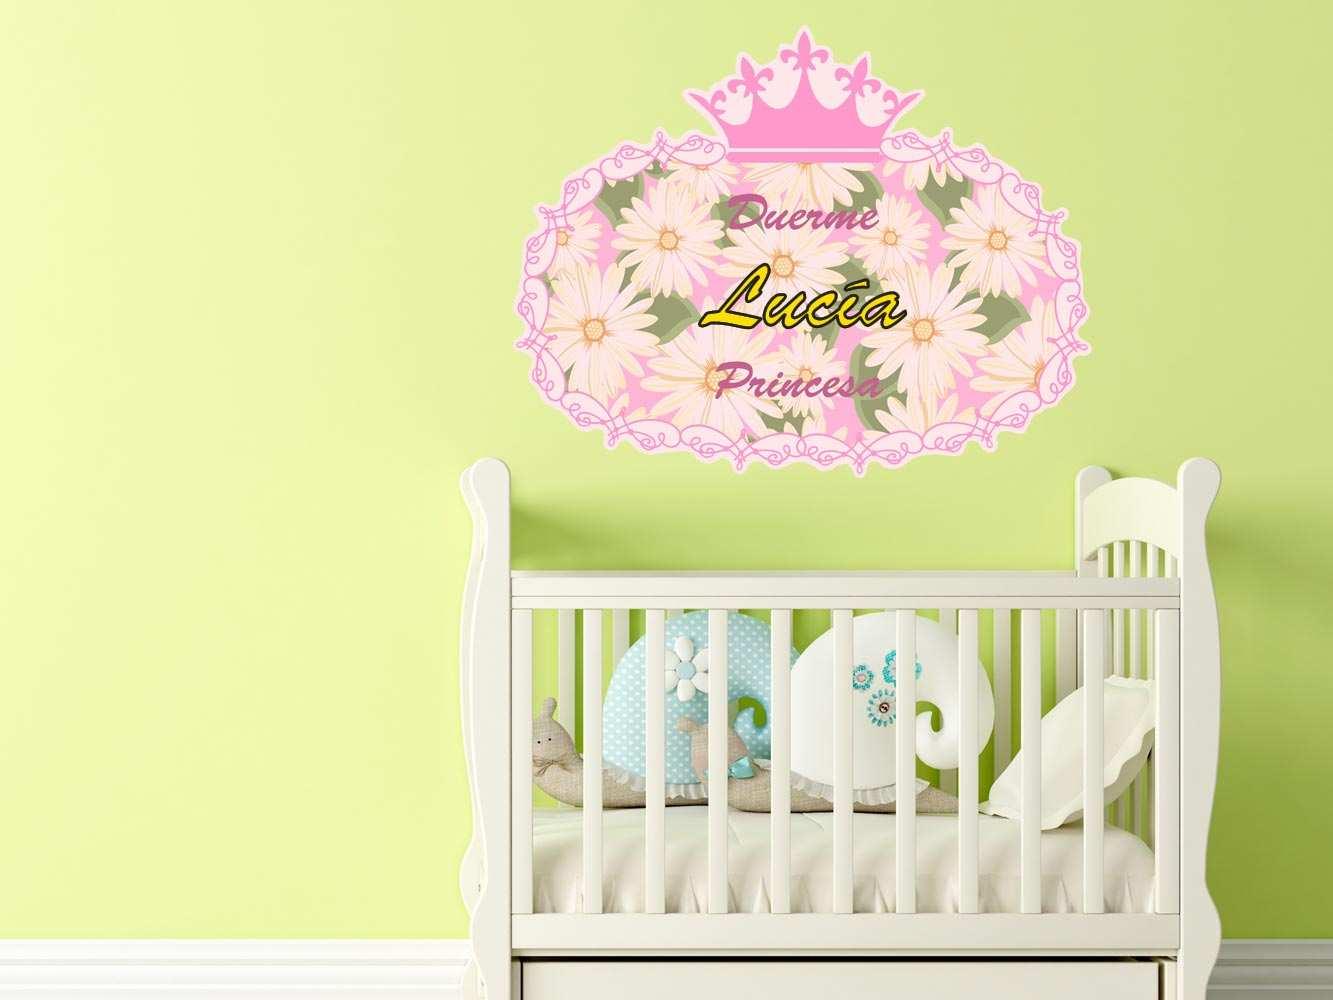 Vinilo Infantil Duerme Princesa Personalizado | Carteles XXL - Impresión carteleria publicitaria